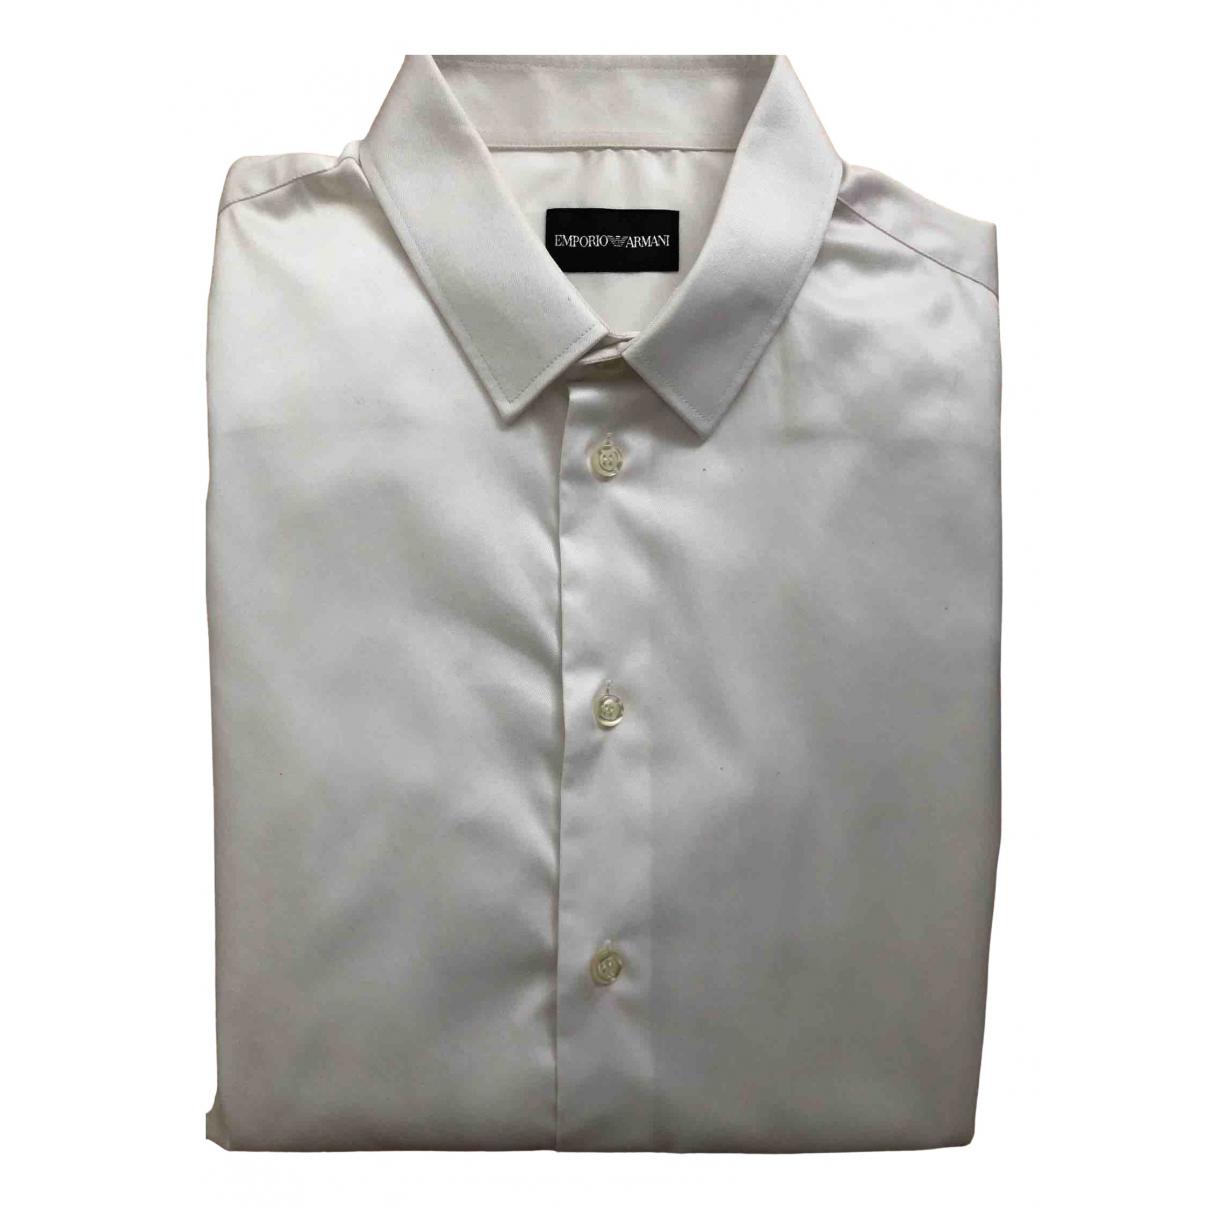 Emporio Armani N White Cotton Shirts for Men 40 EU (tour de cou / collar)